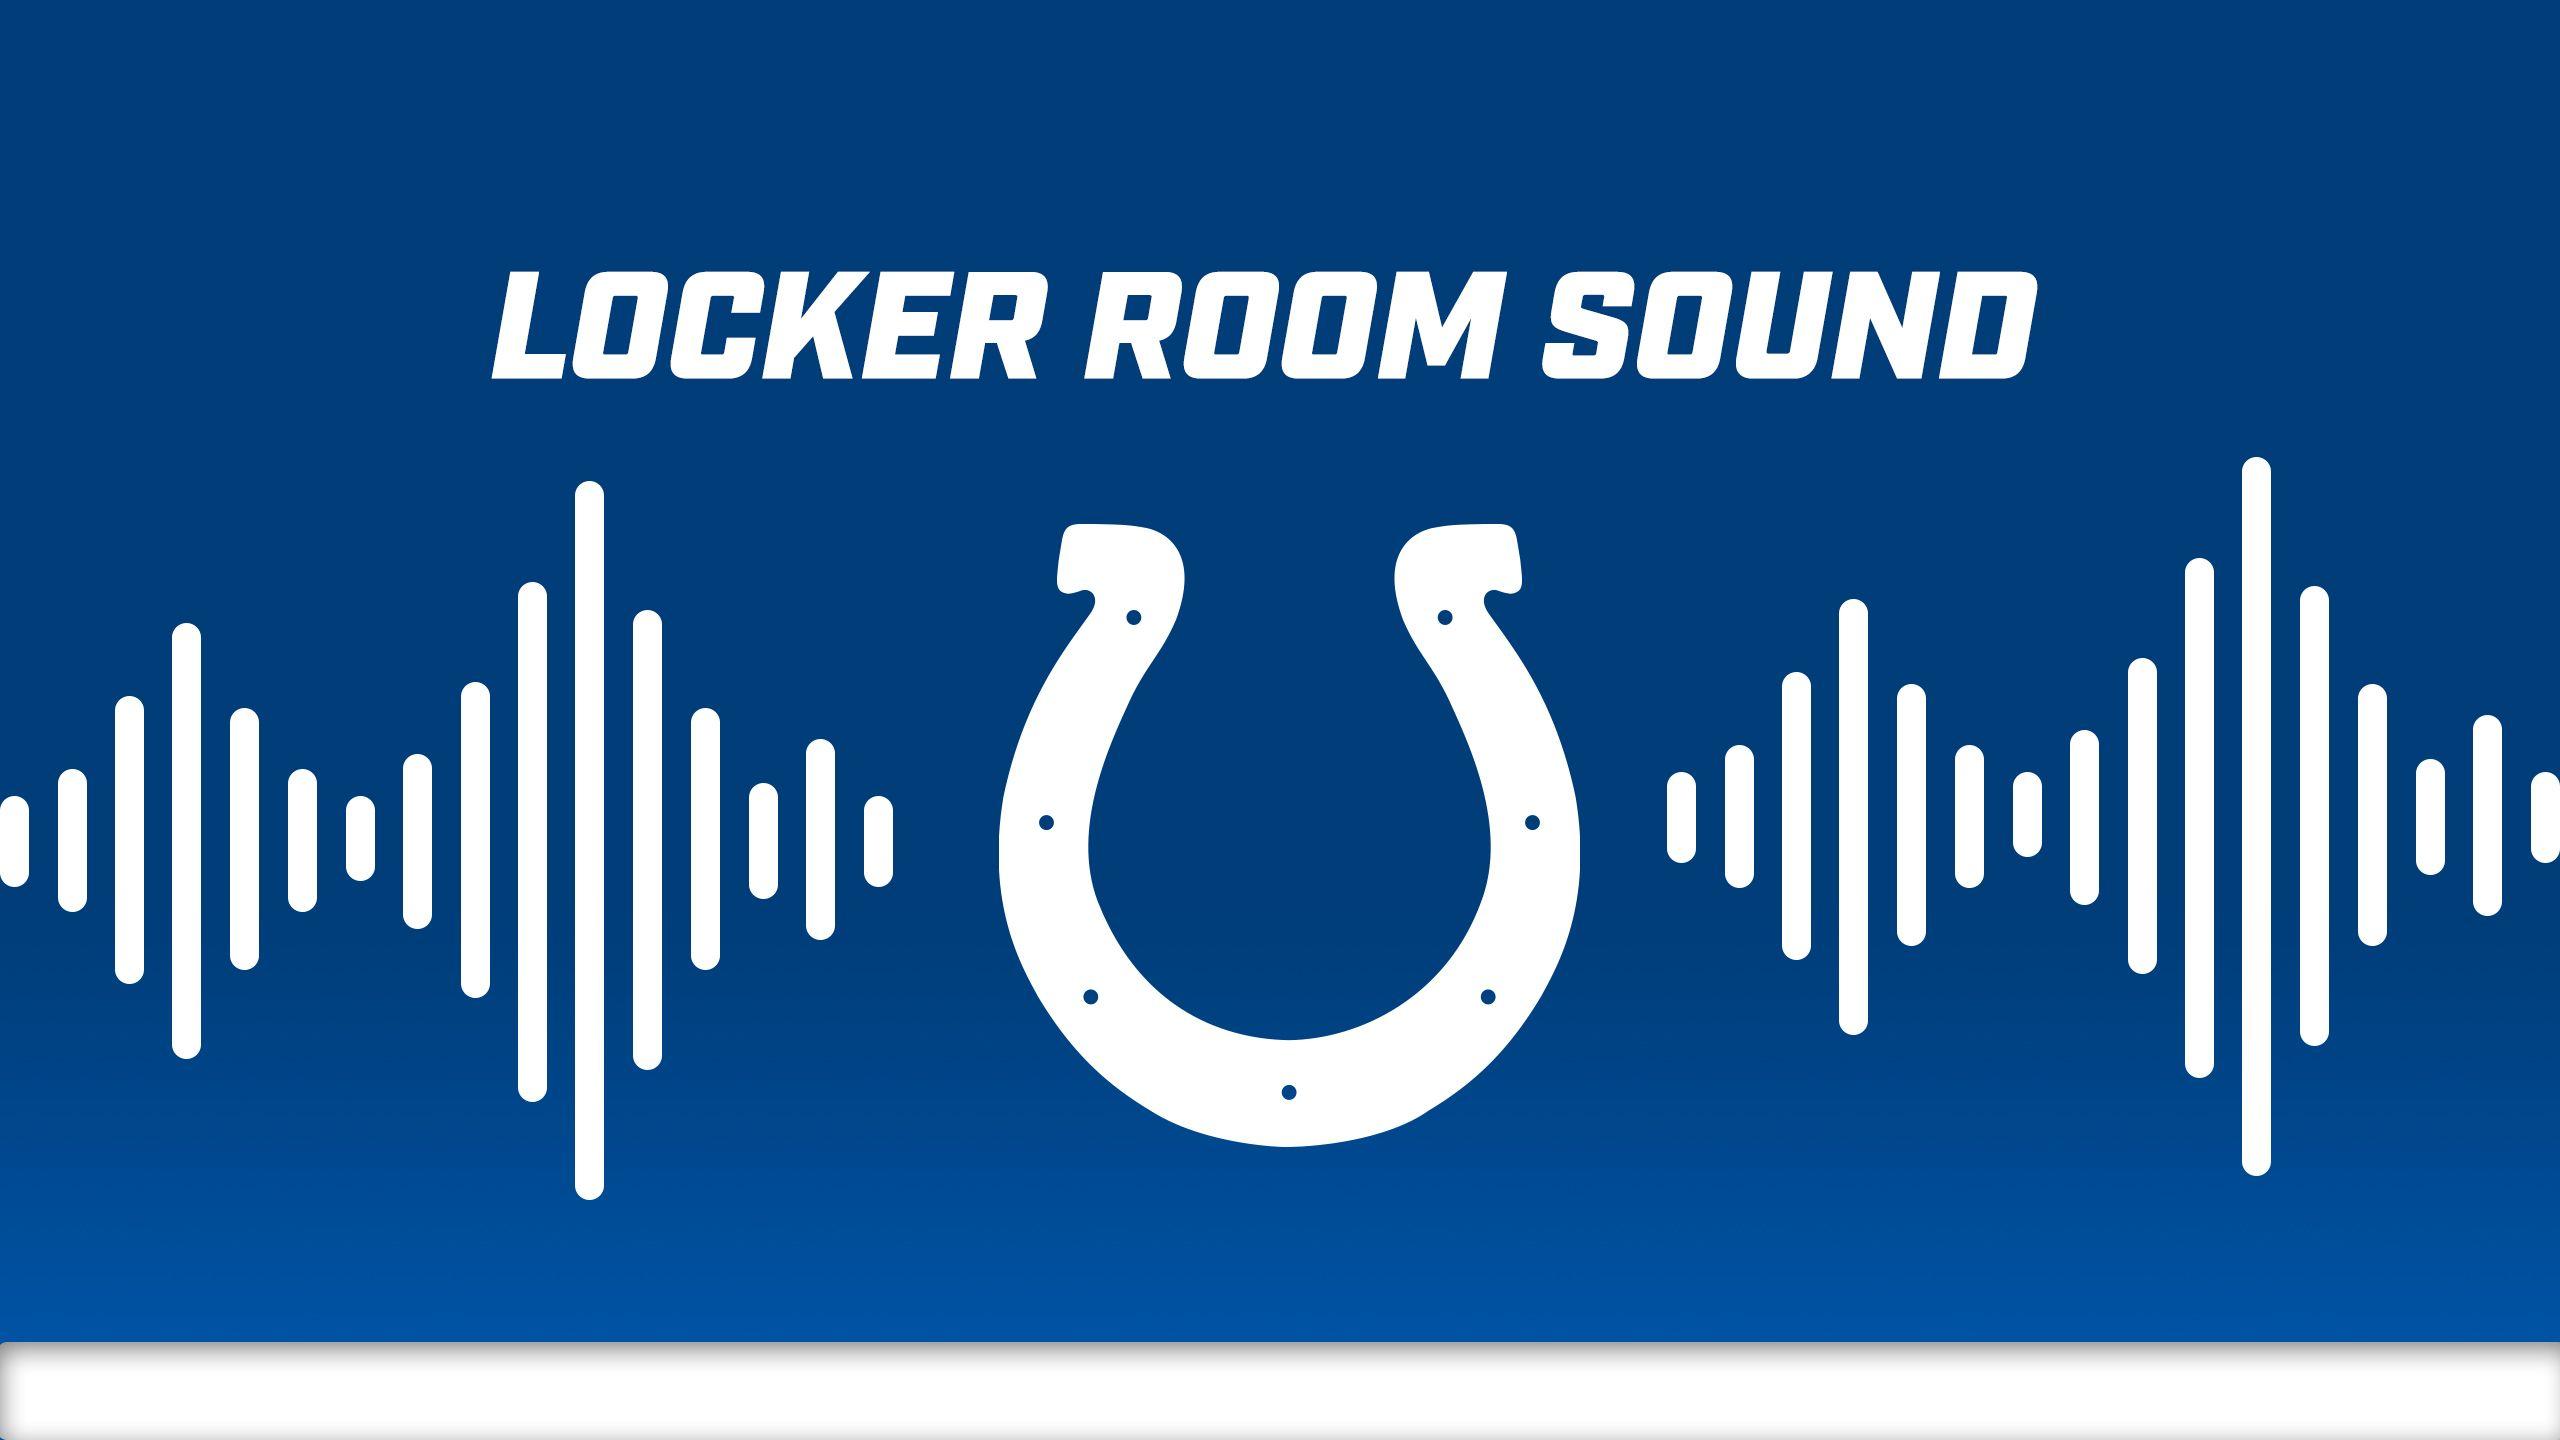 Locker Room Sound